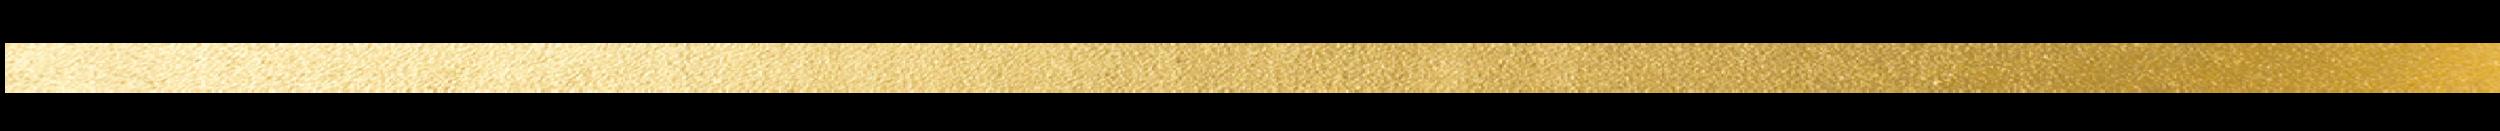 gold-divider-17 (1).png